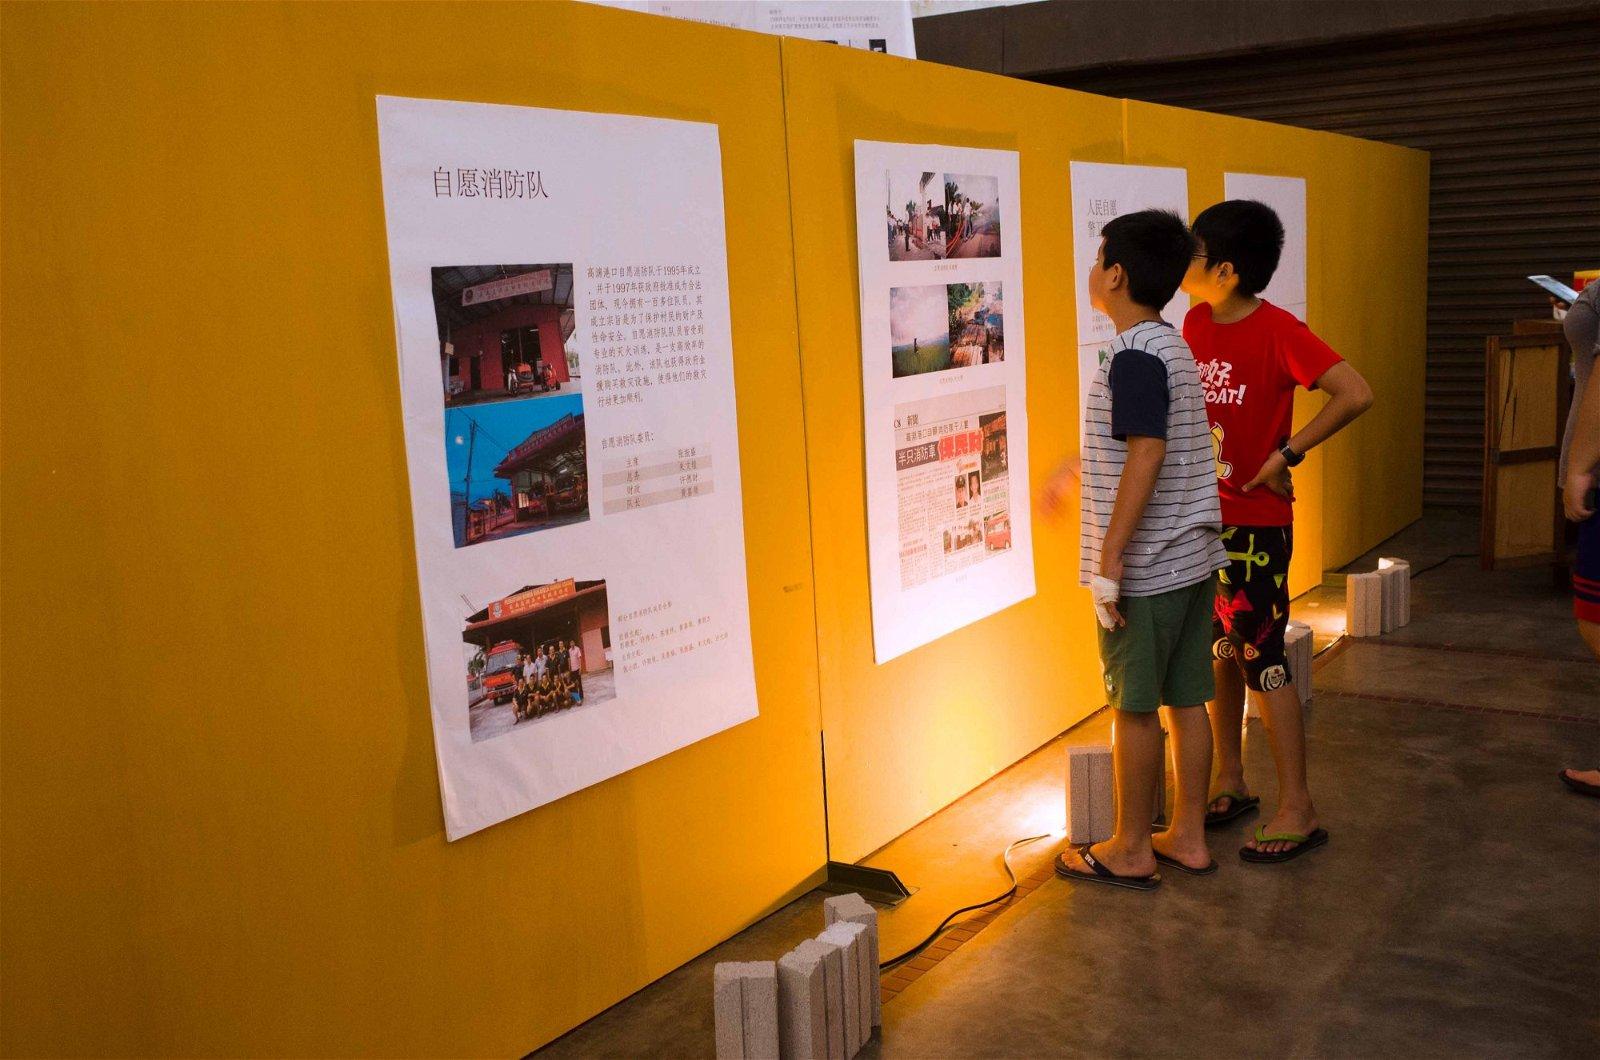 《潮》展览包括6大范围,即历史、渔业、学校、童谣、庙宇及地图与图片展示。展览中除了以艺术和互动性的方式,展览也采用传统的文字报告,增添整体的咨询性。